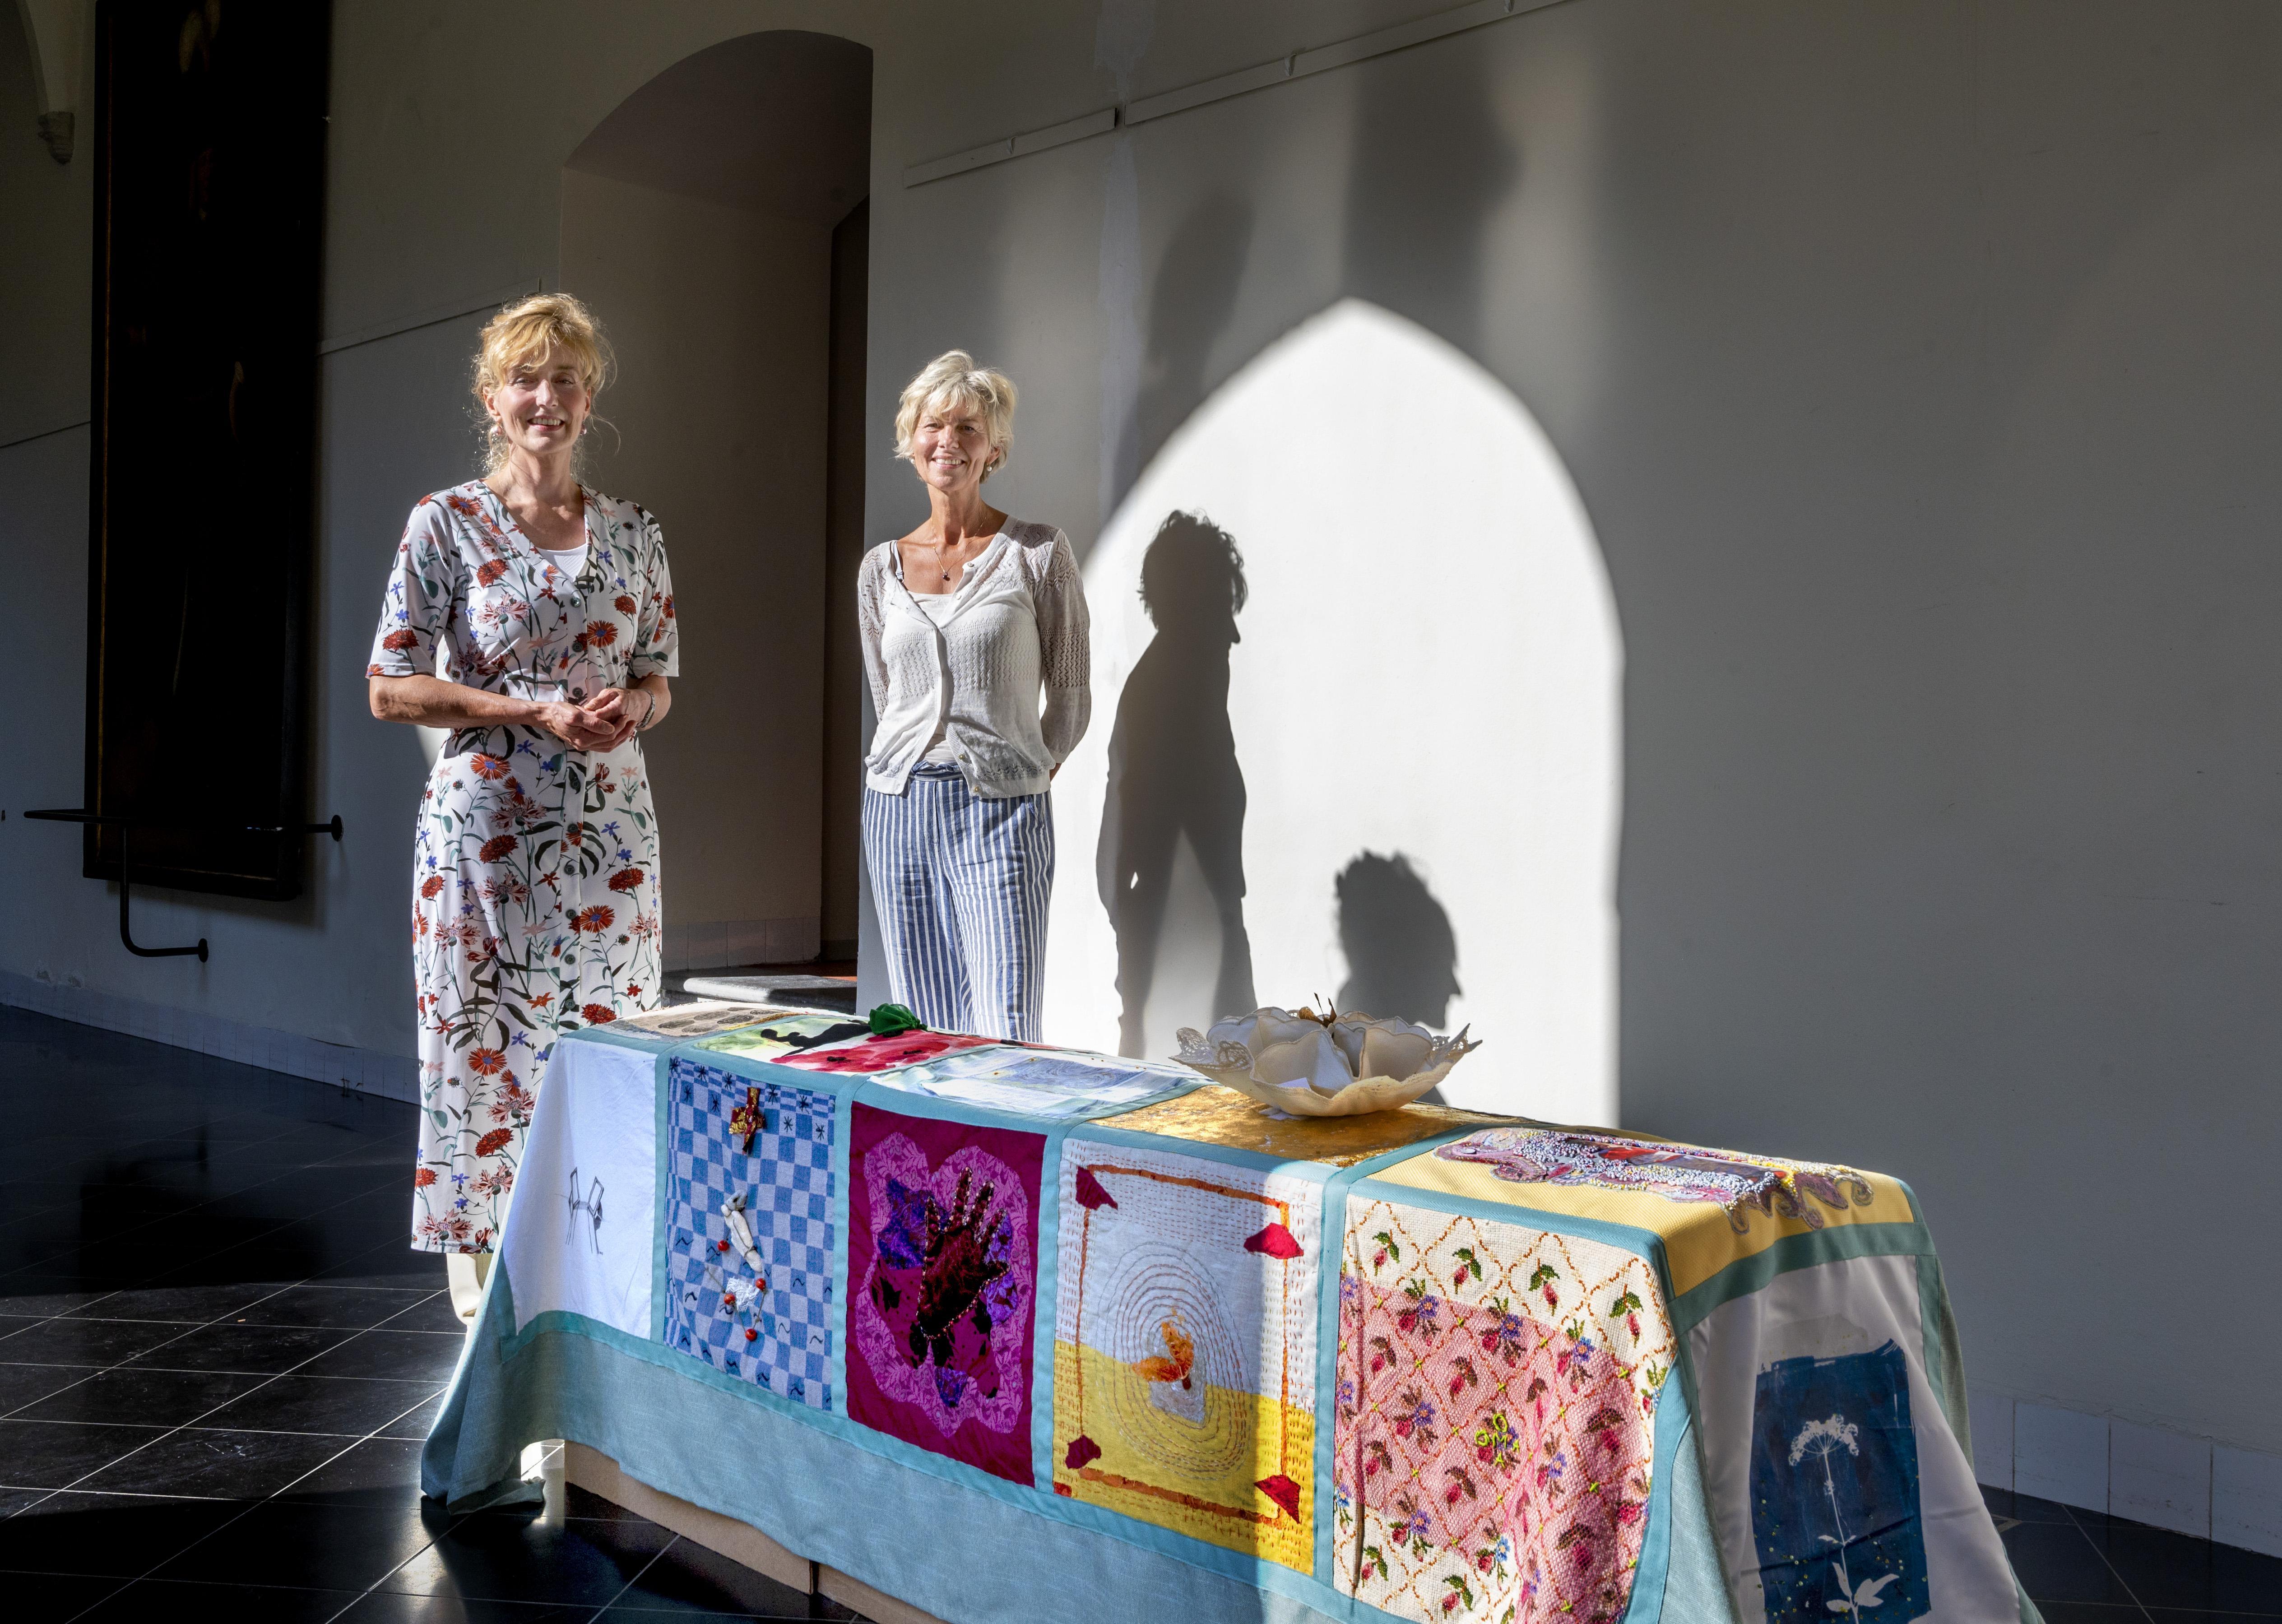 Hospice als bron van inspiratie voor expositie van KZOD in Haarlem over leven en dood